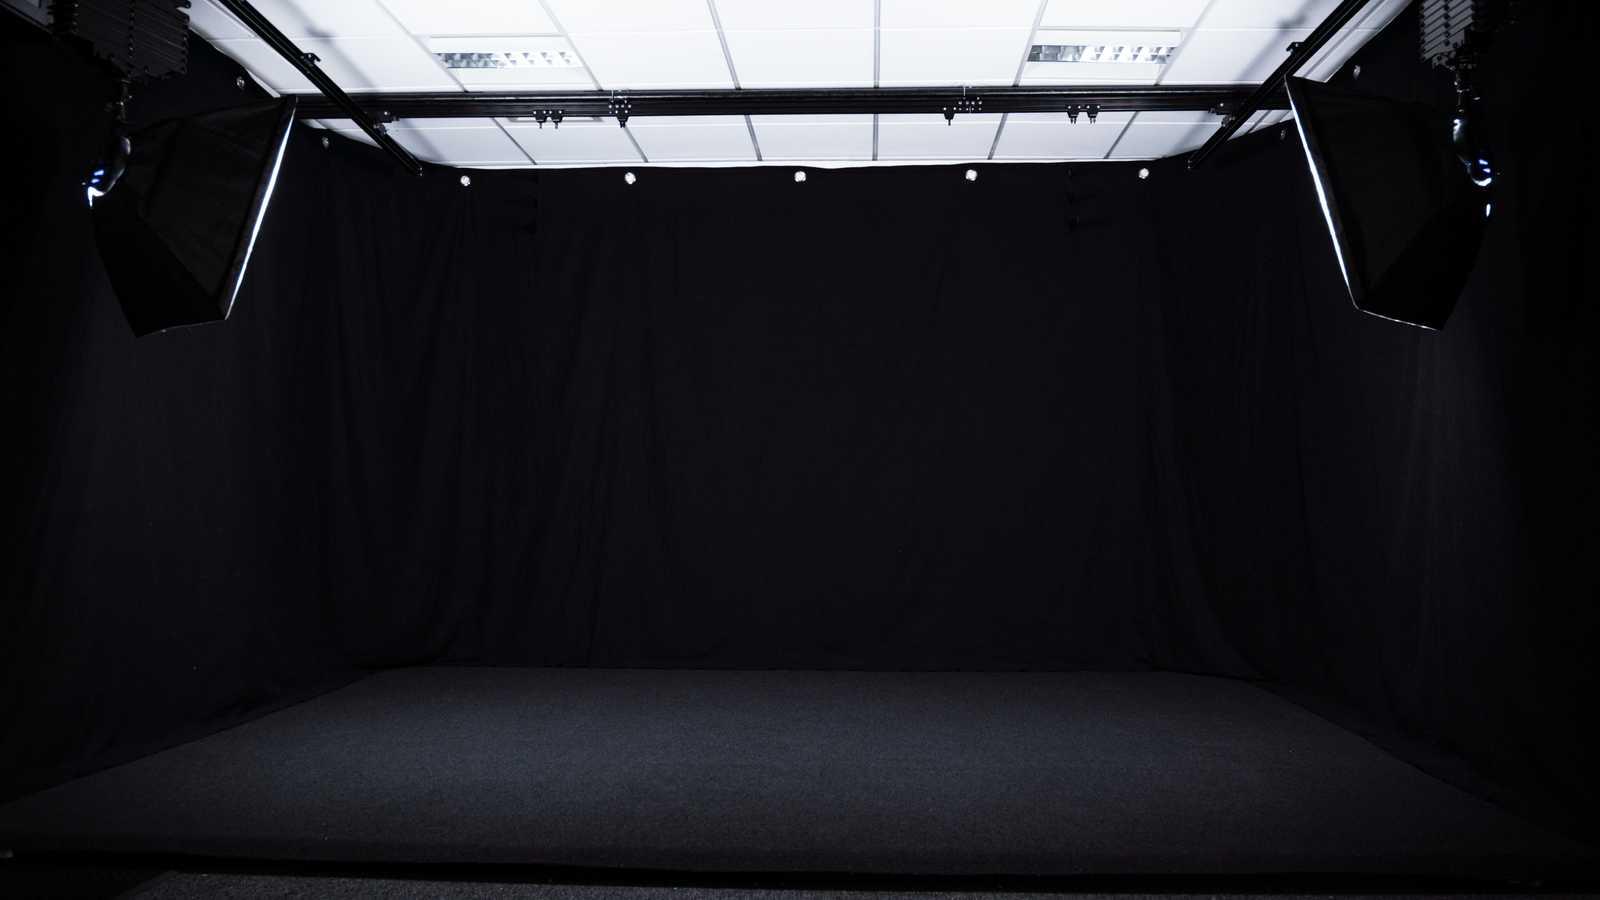 Photo/Film Studio (Blackout)